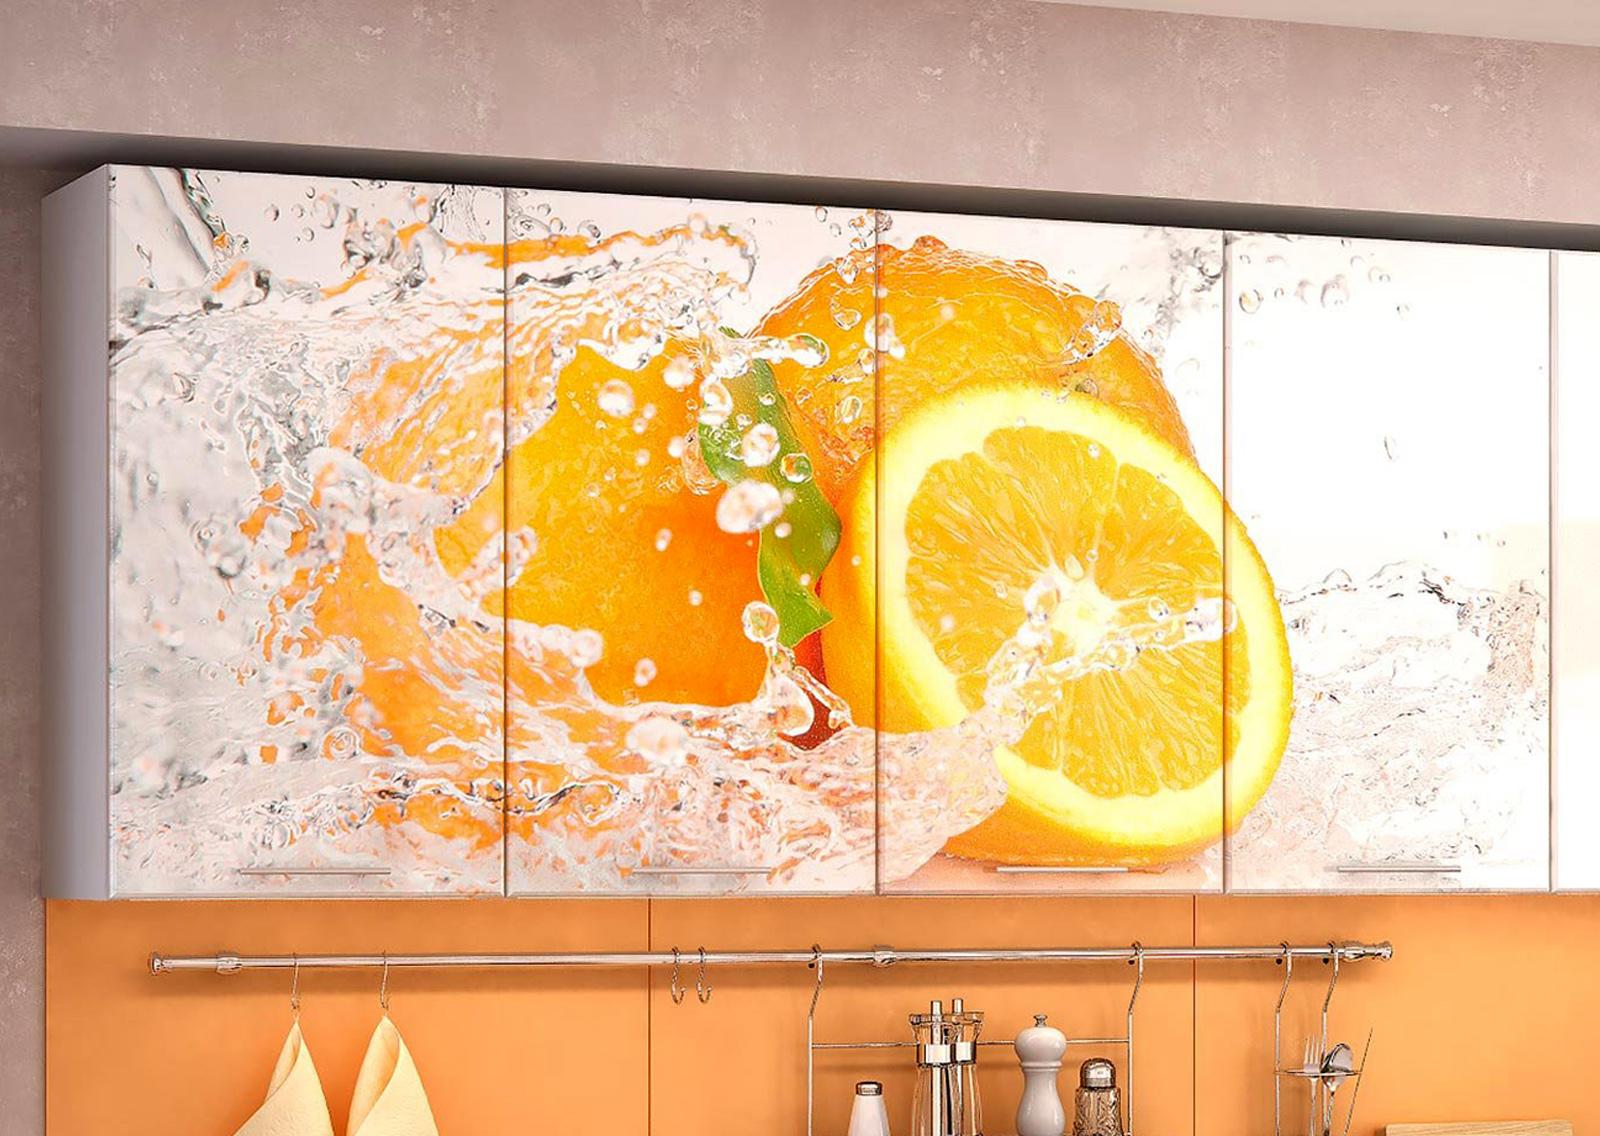 обои апельсины для кухни погода